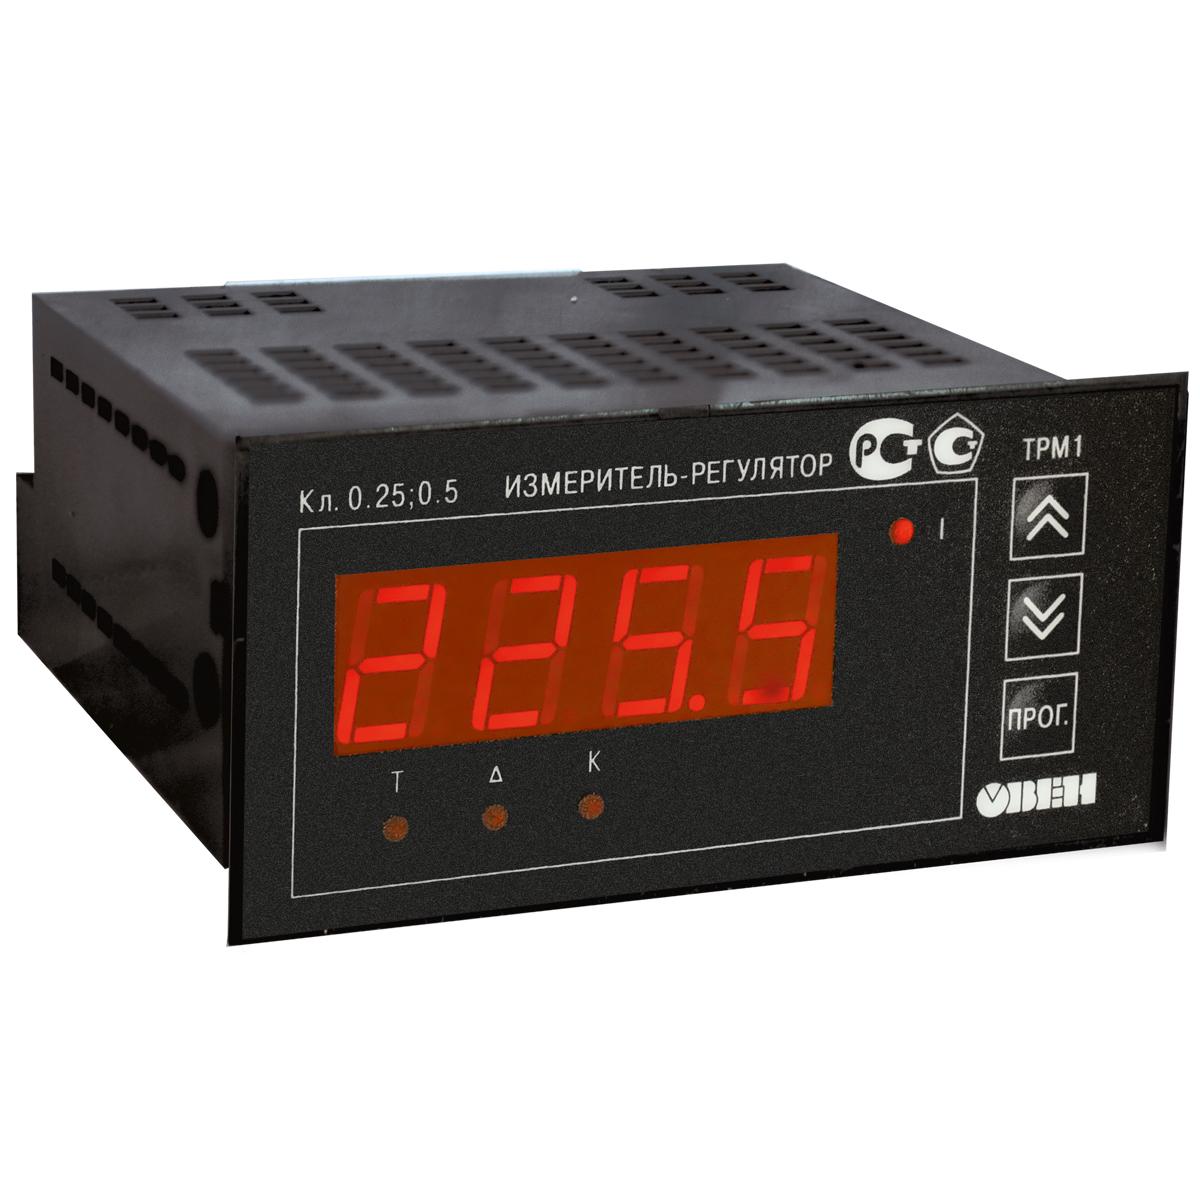 Инструкция на регулятор фирмы овен трм 33 01